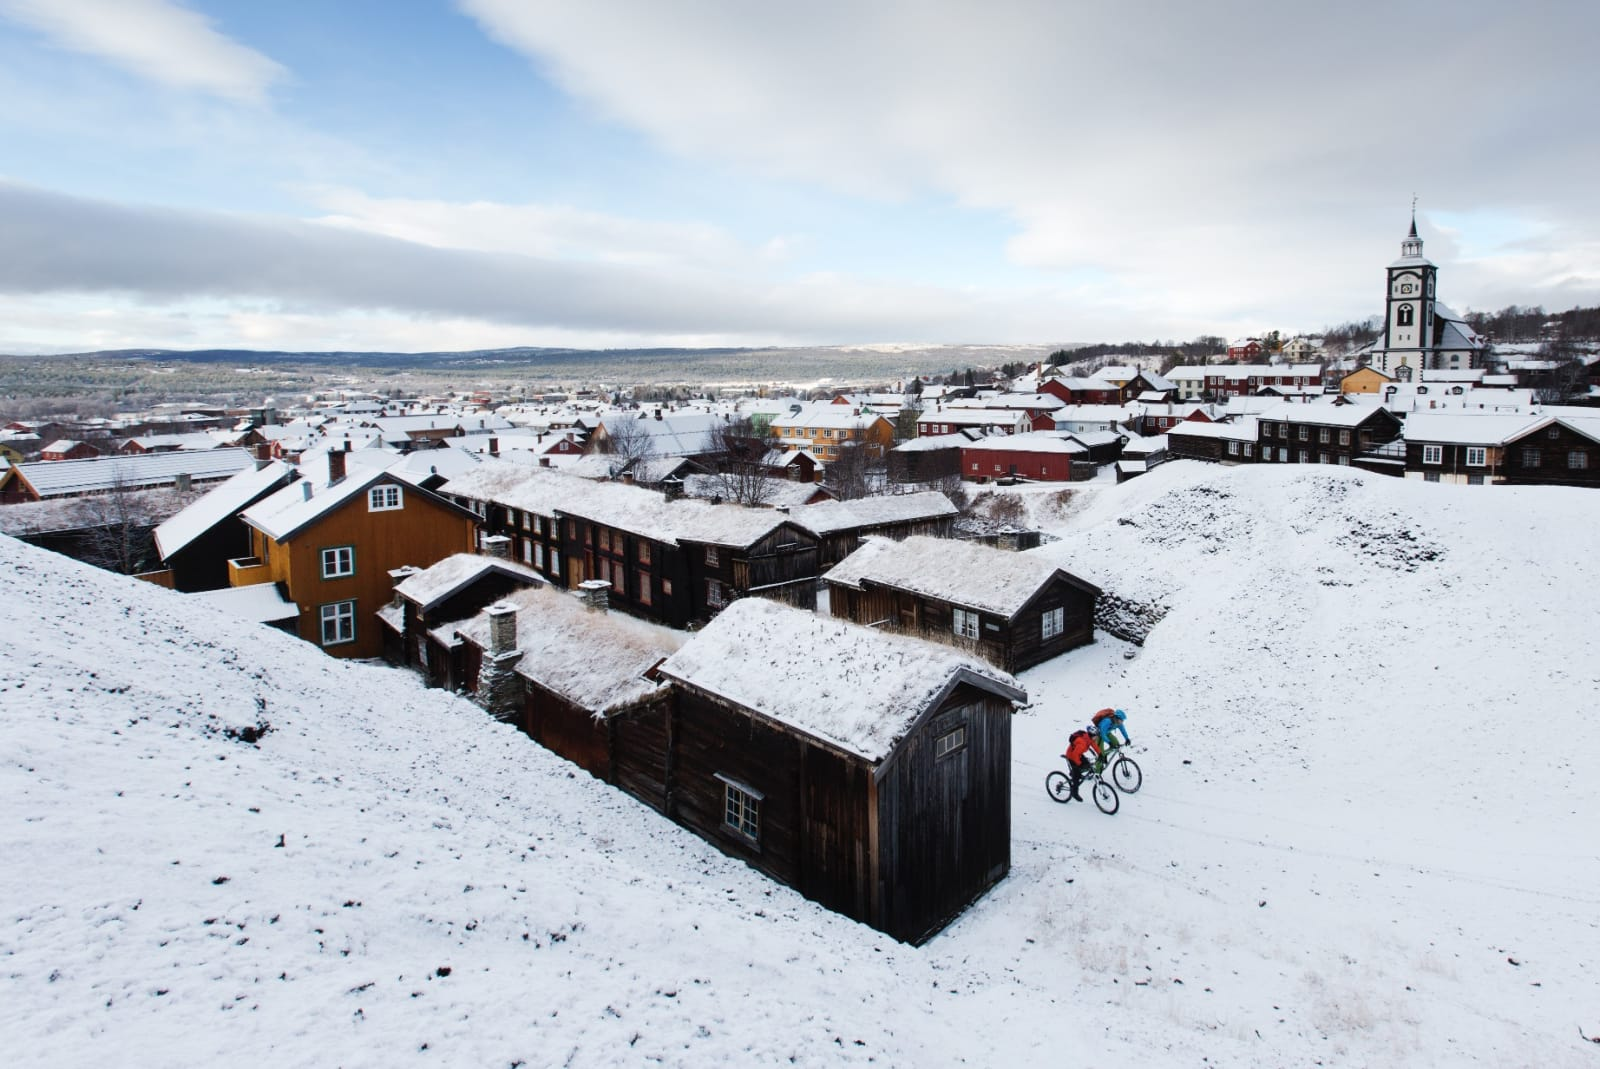 FJELLBYGDA: Før den vesle fjellbygda våkner til liv, tråkker vi ut langs slagghaugene ved Røros. I horisonten jobber sola med å knekke skylaget.